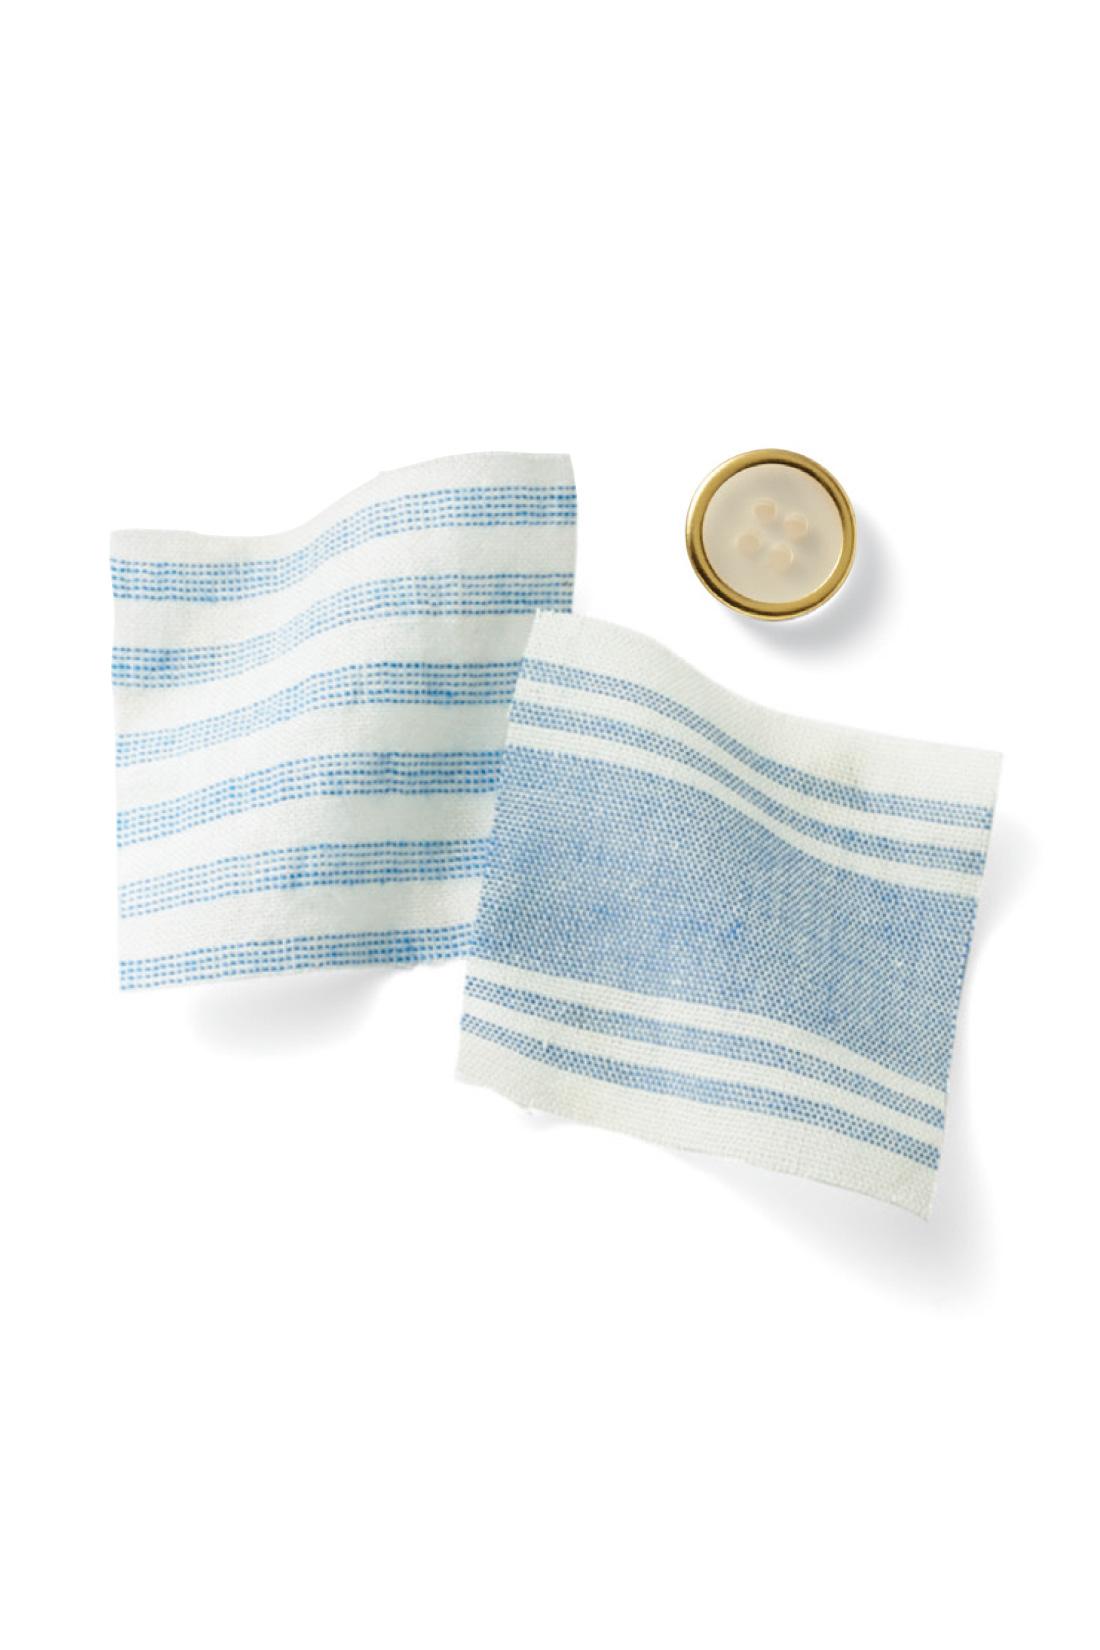 薄くて軽くてやさしい綿100%の布はく素材。※お届けするカラーとは異なります。